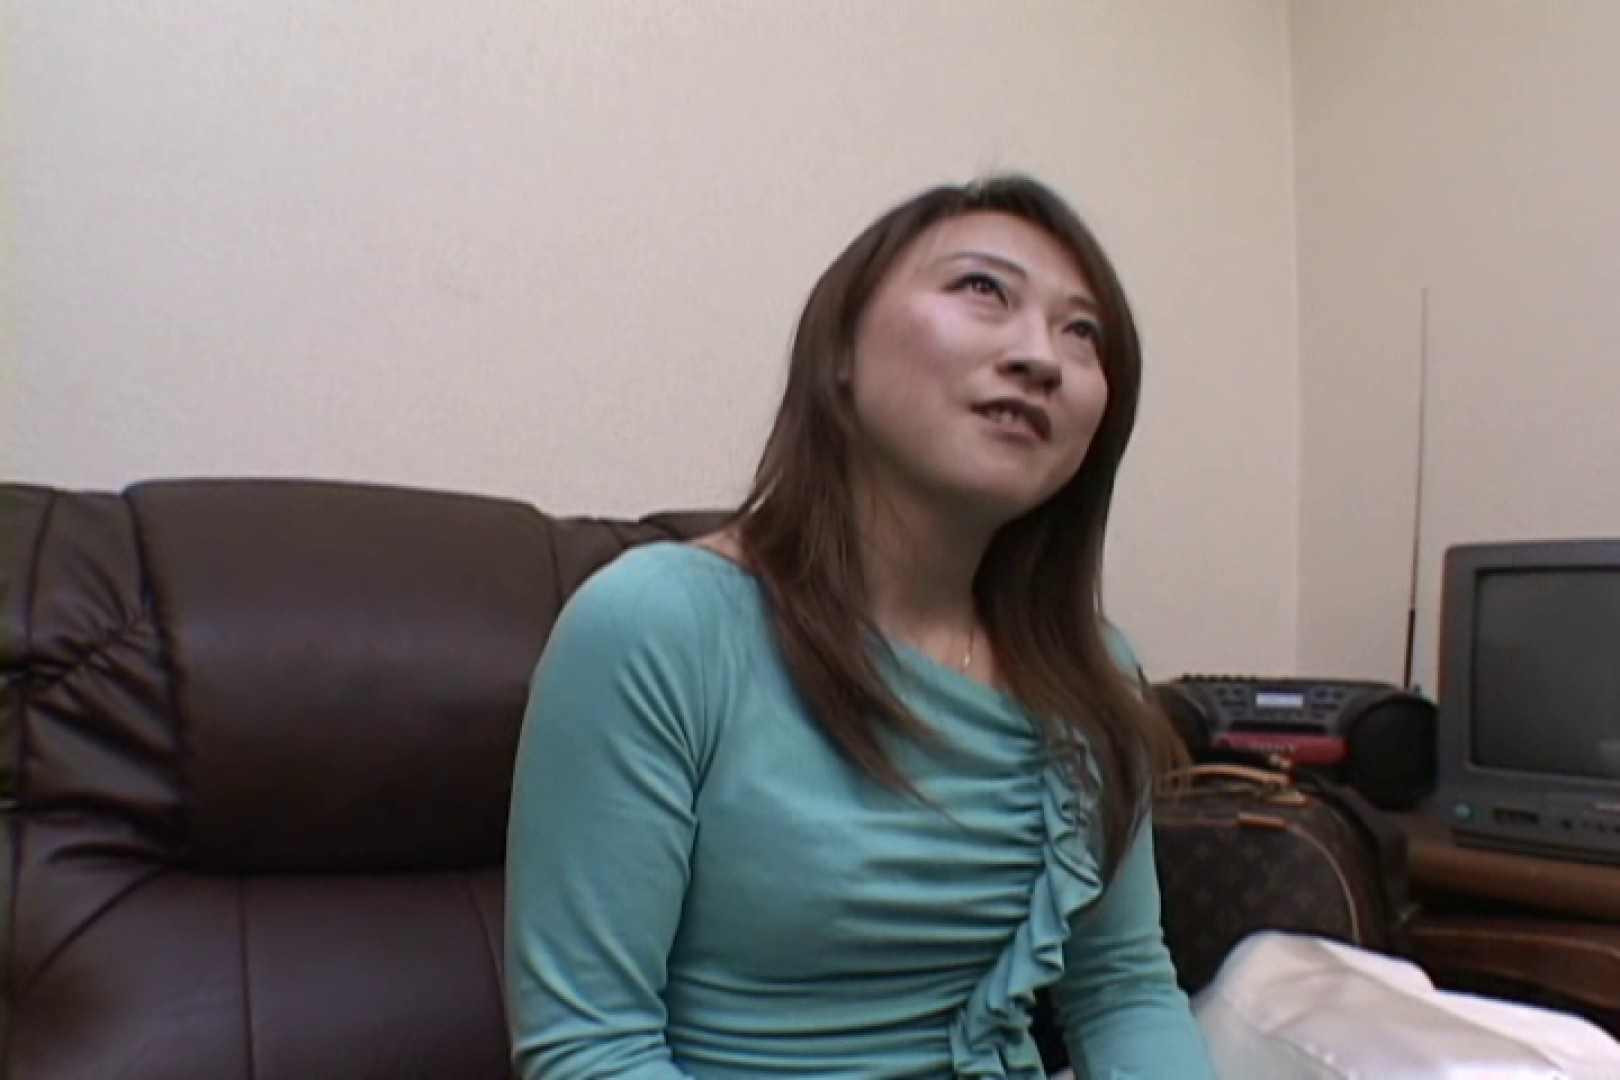 オナニー好きの綺麗なお姉さんと楽しくSEX~姫野あかね~ エッチなお姉さん | 企画  62pic 26